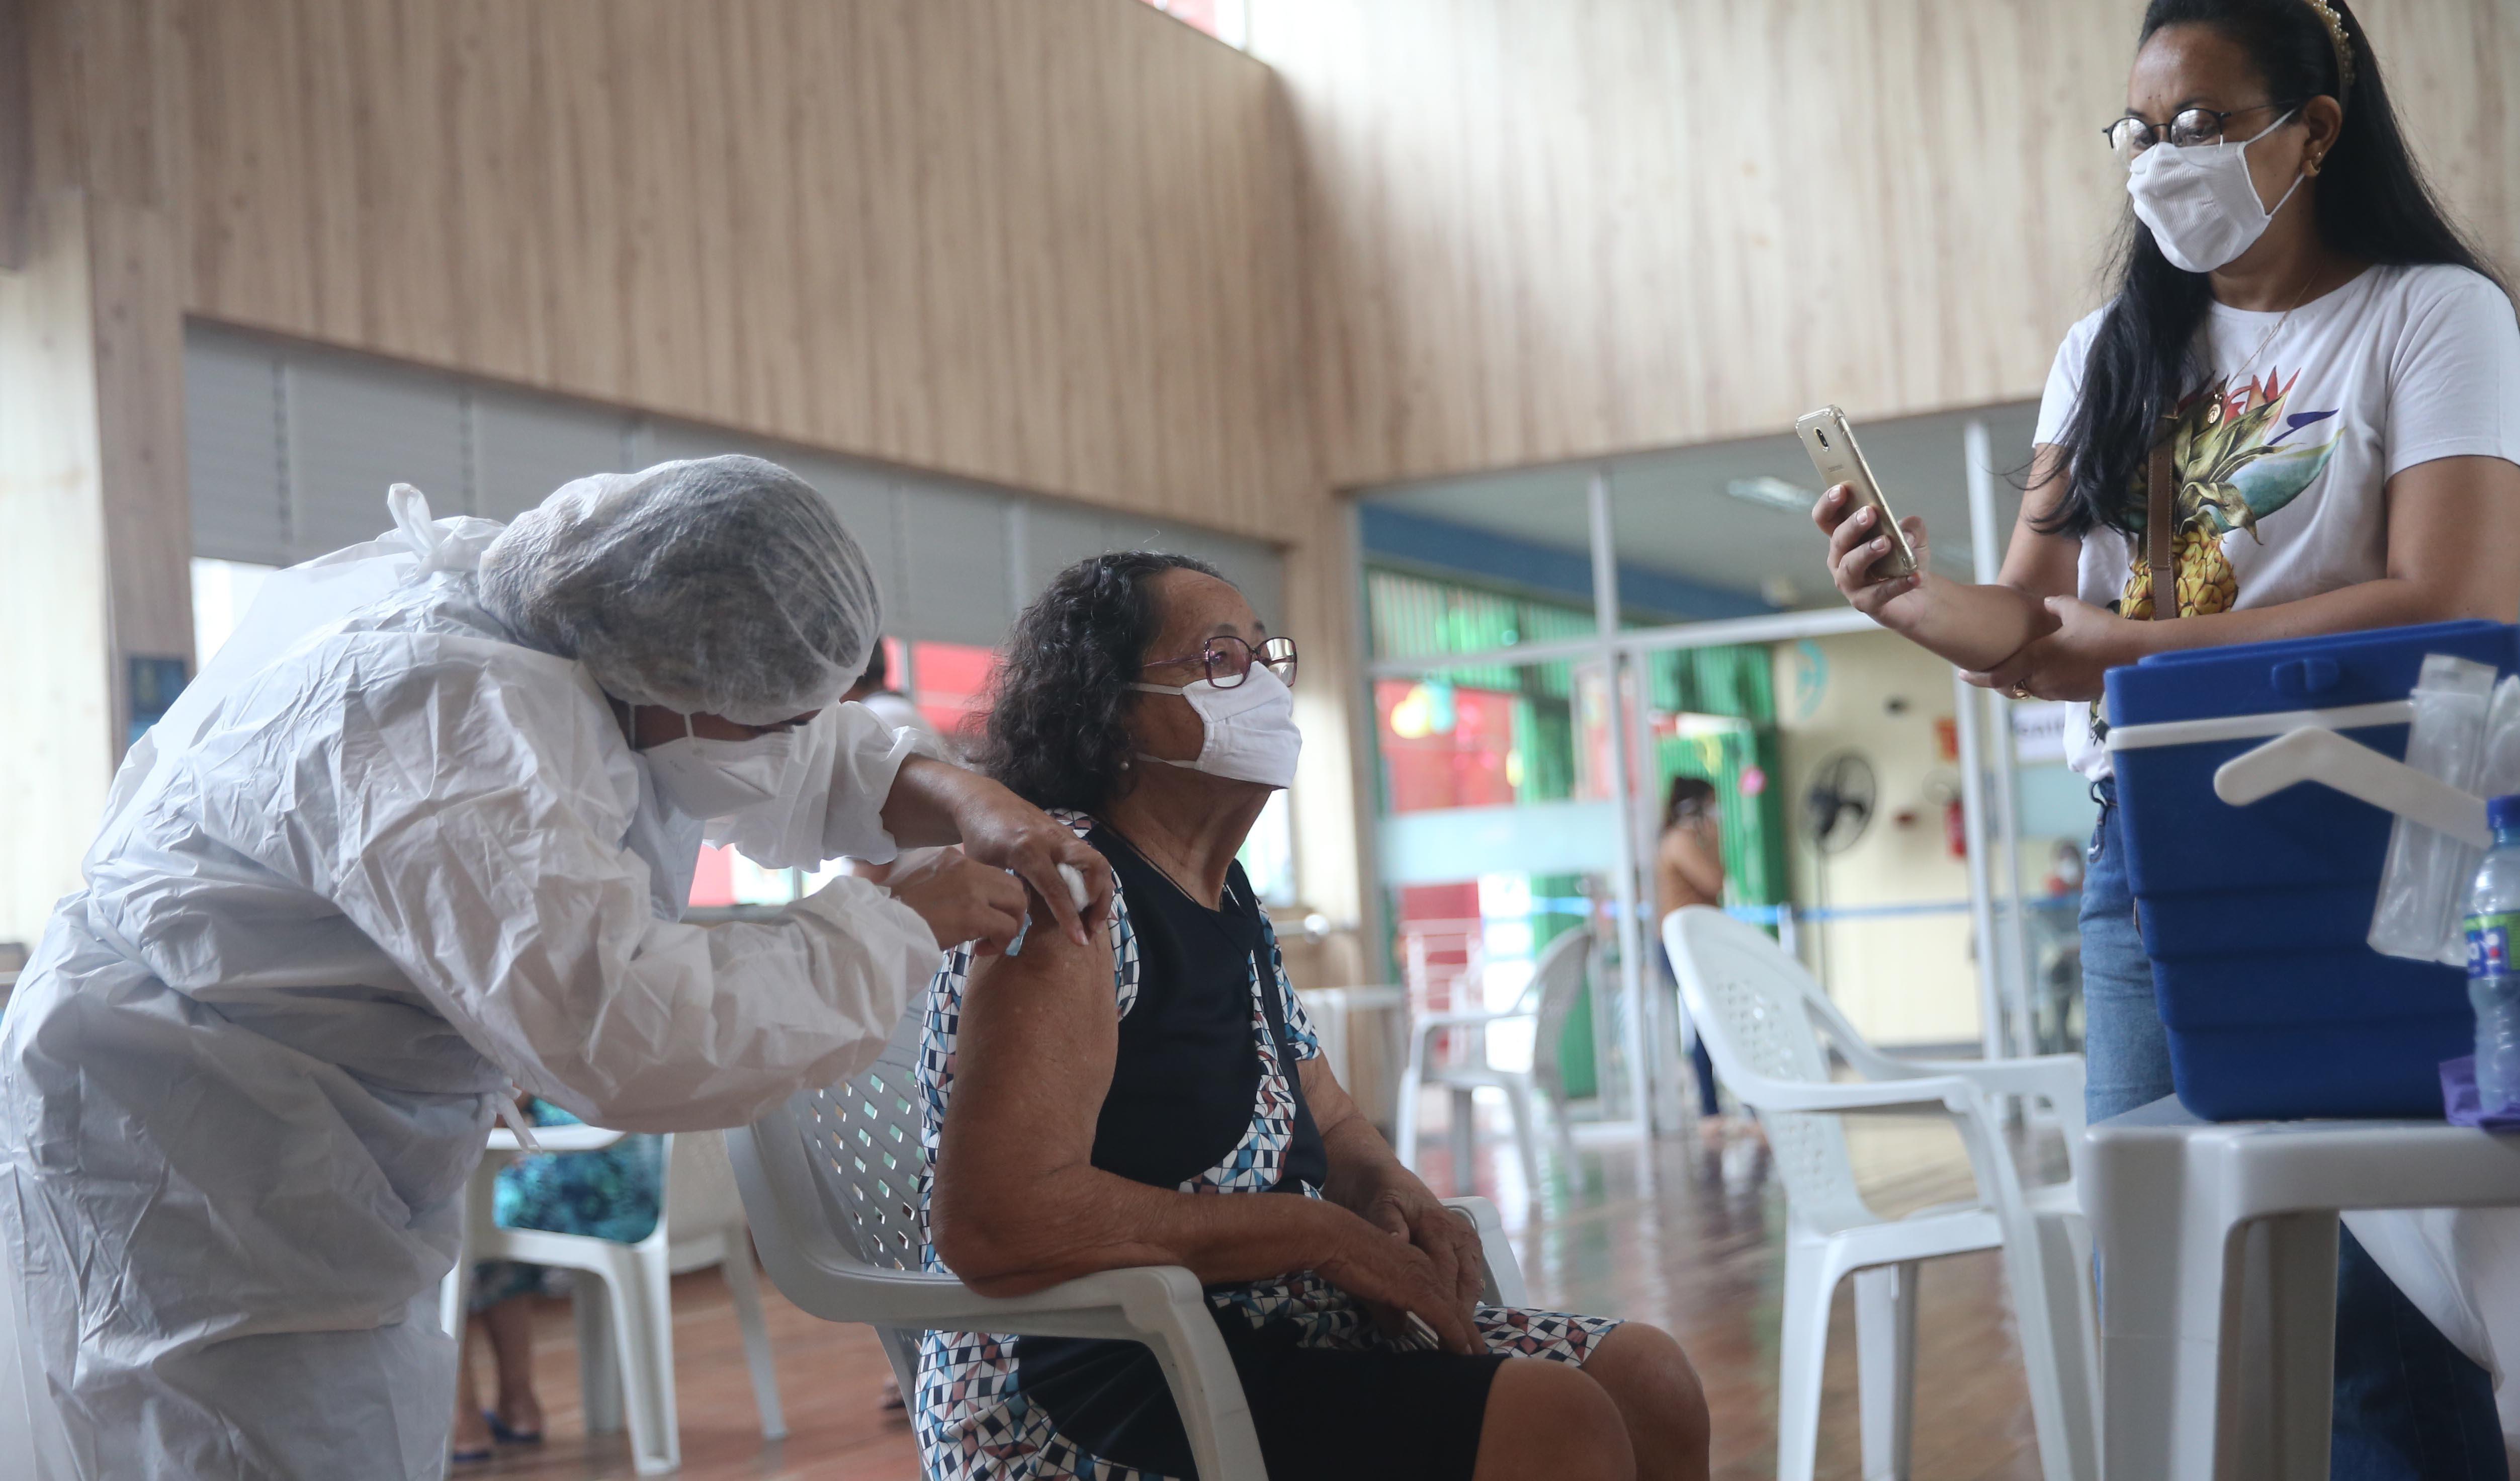 Sesi da Parangaba, em Fortaleza, ganha ponto de vacinação contra Covid-19